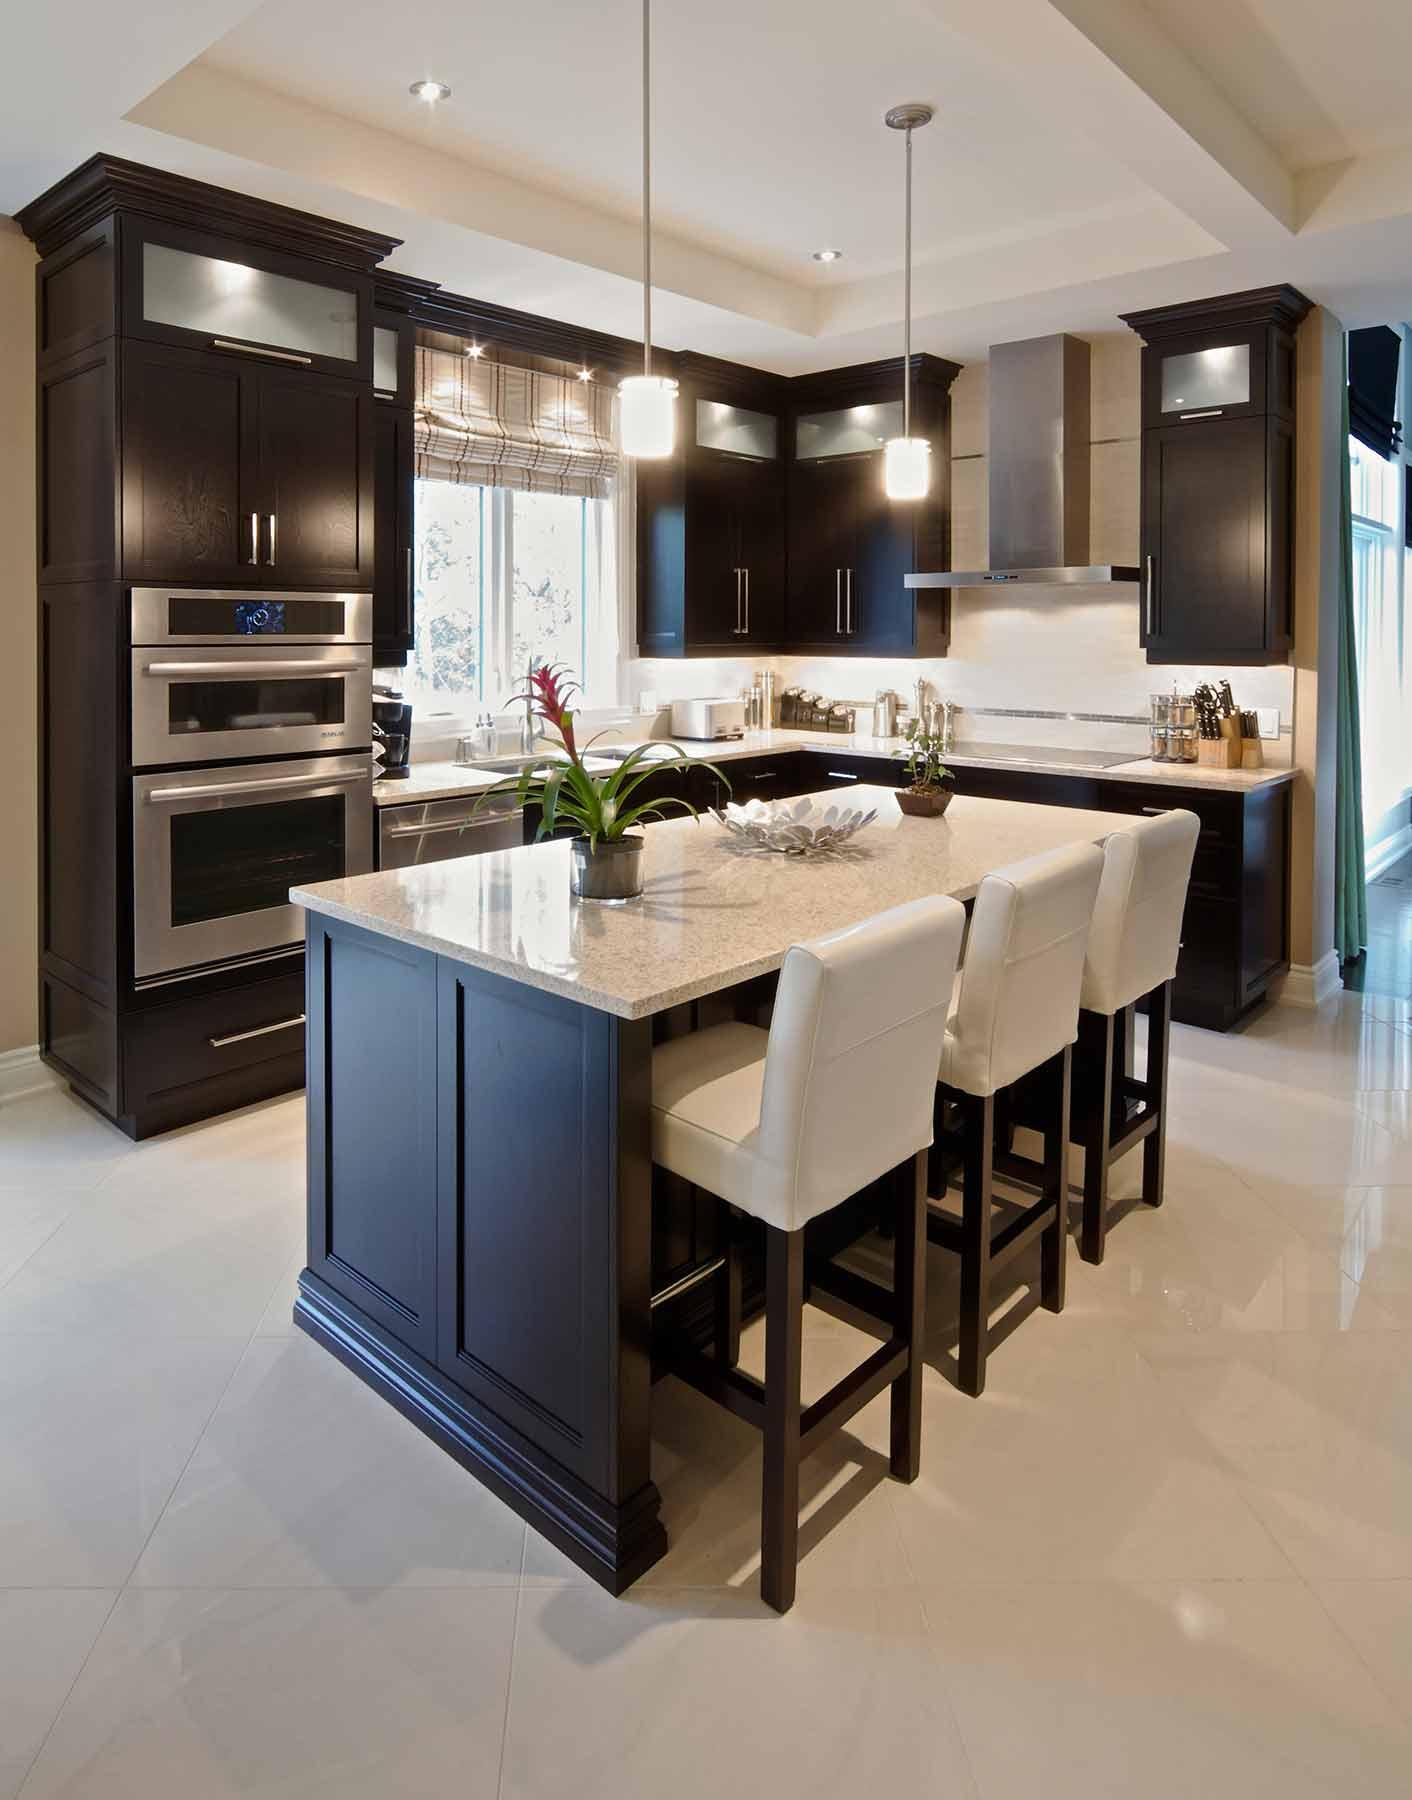 Fabriquer Des Portes D Armoires De Cuisine meubles et armoires de cuisine | armoires senécal & fils